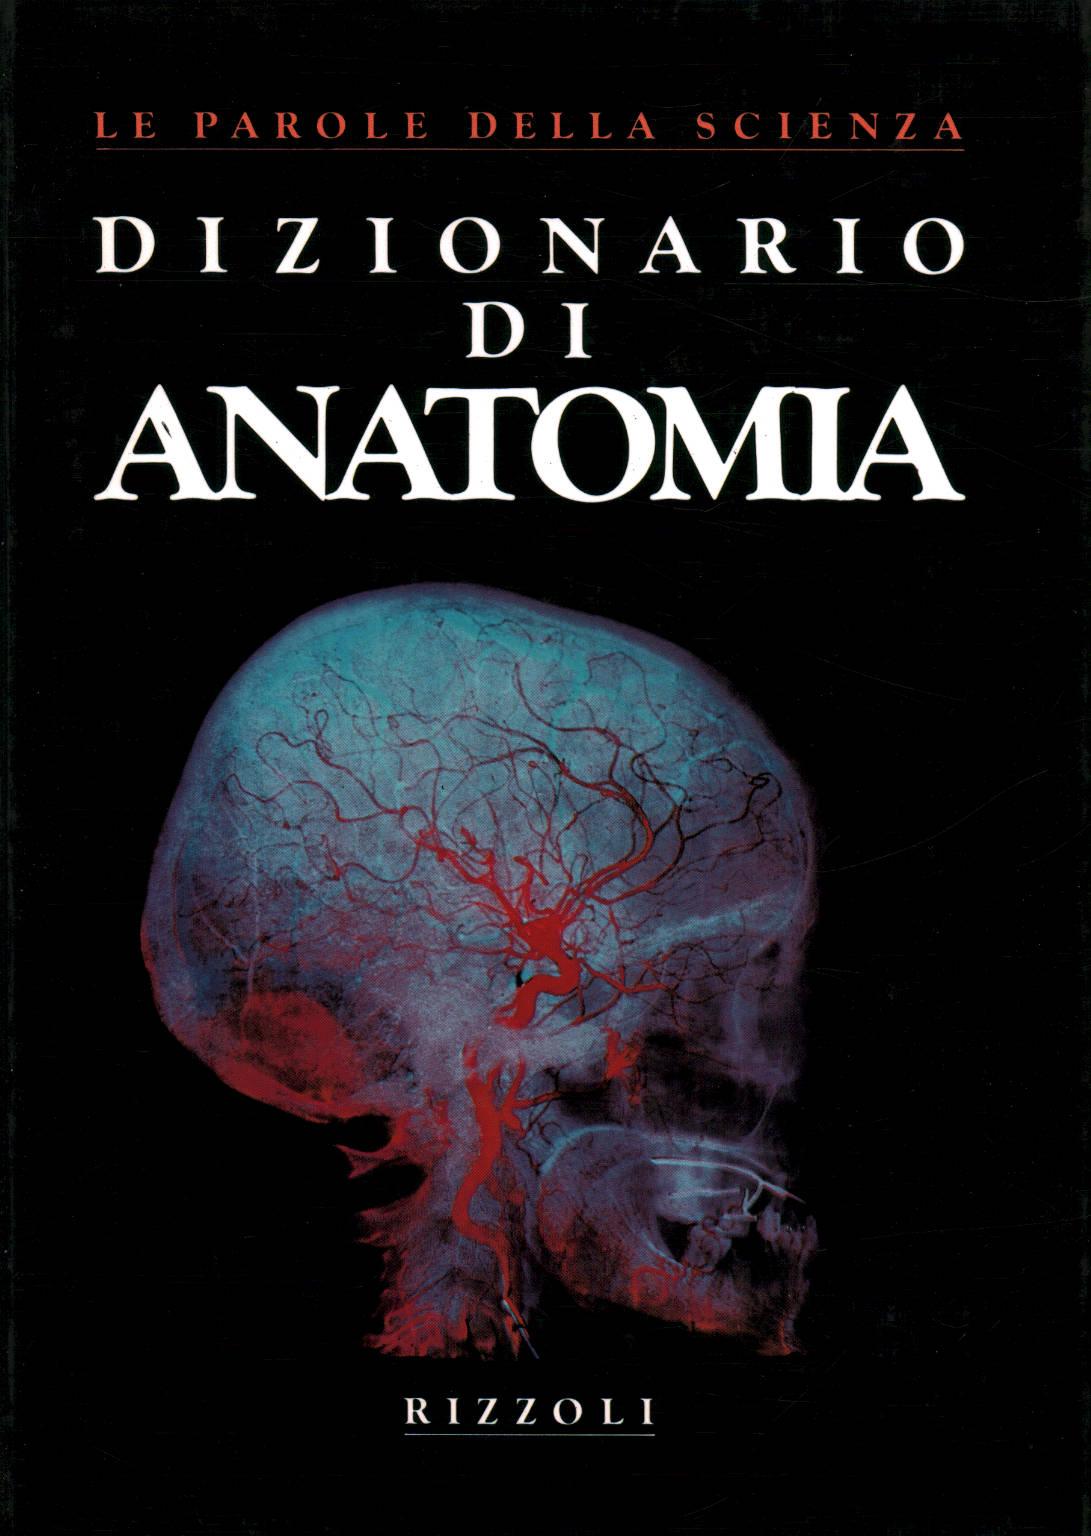 https://www.dimanoinmano.it/es/cp146518/scienze/biologia/il-caso-e ...